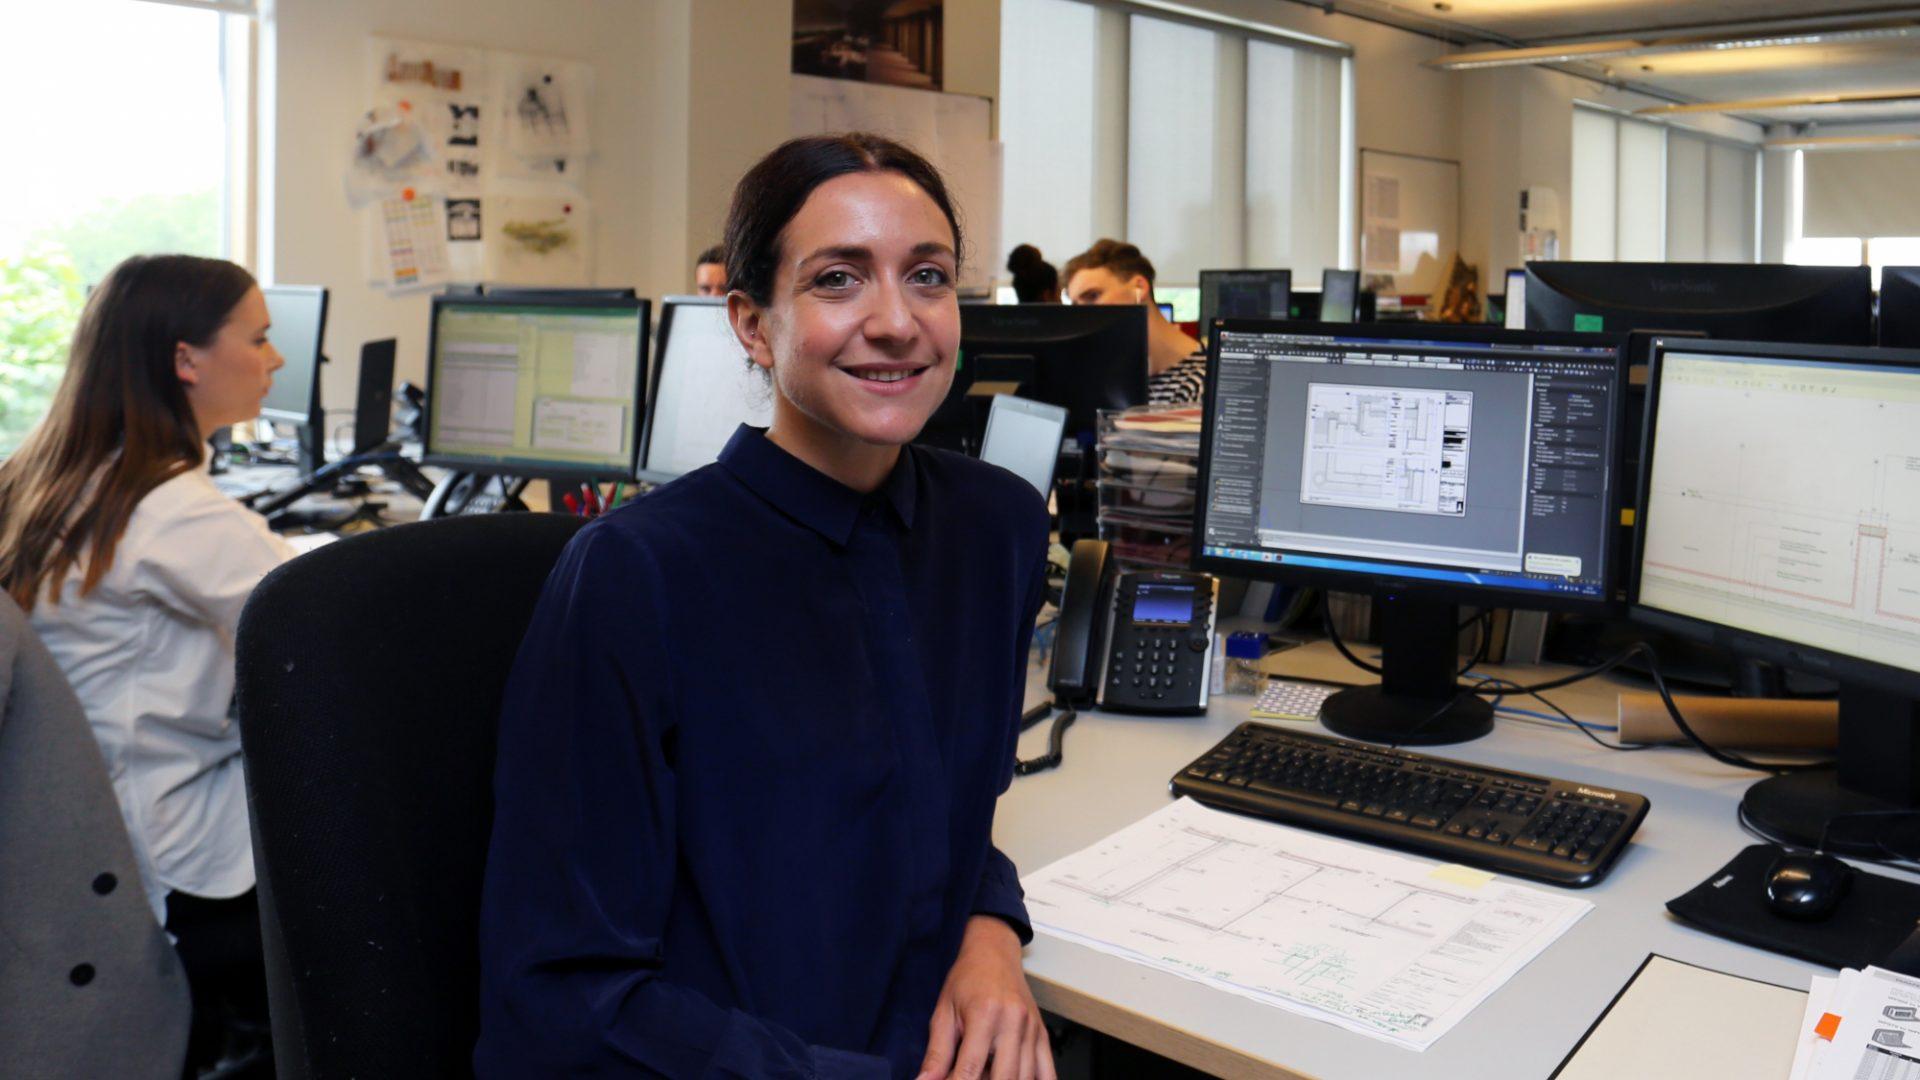 Elisa Ascari